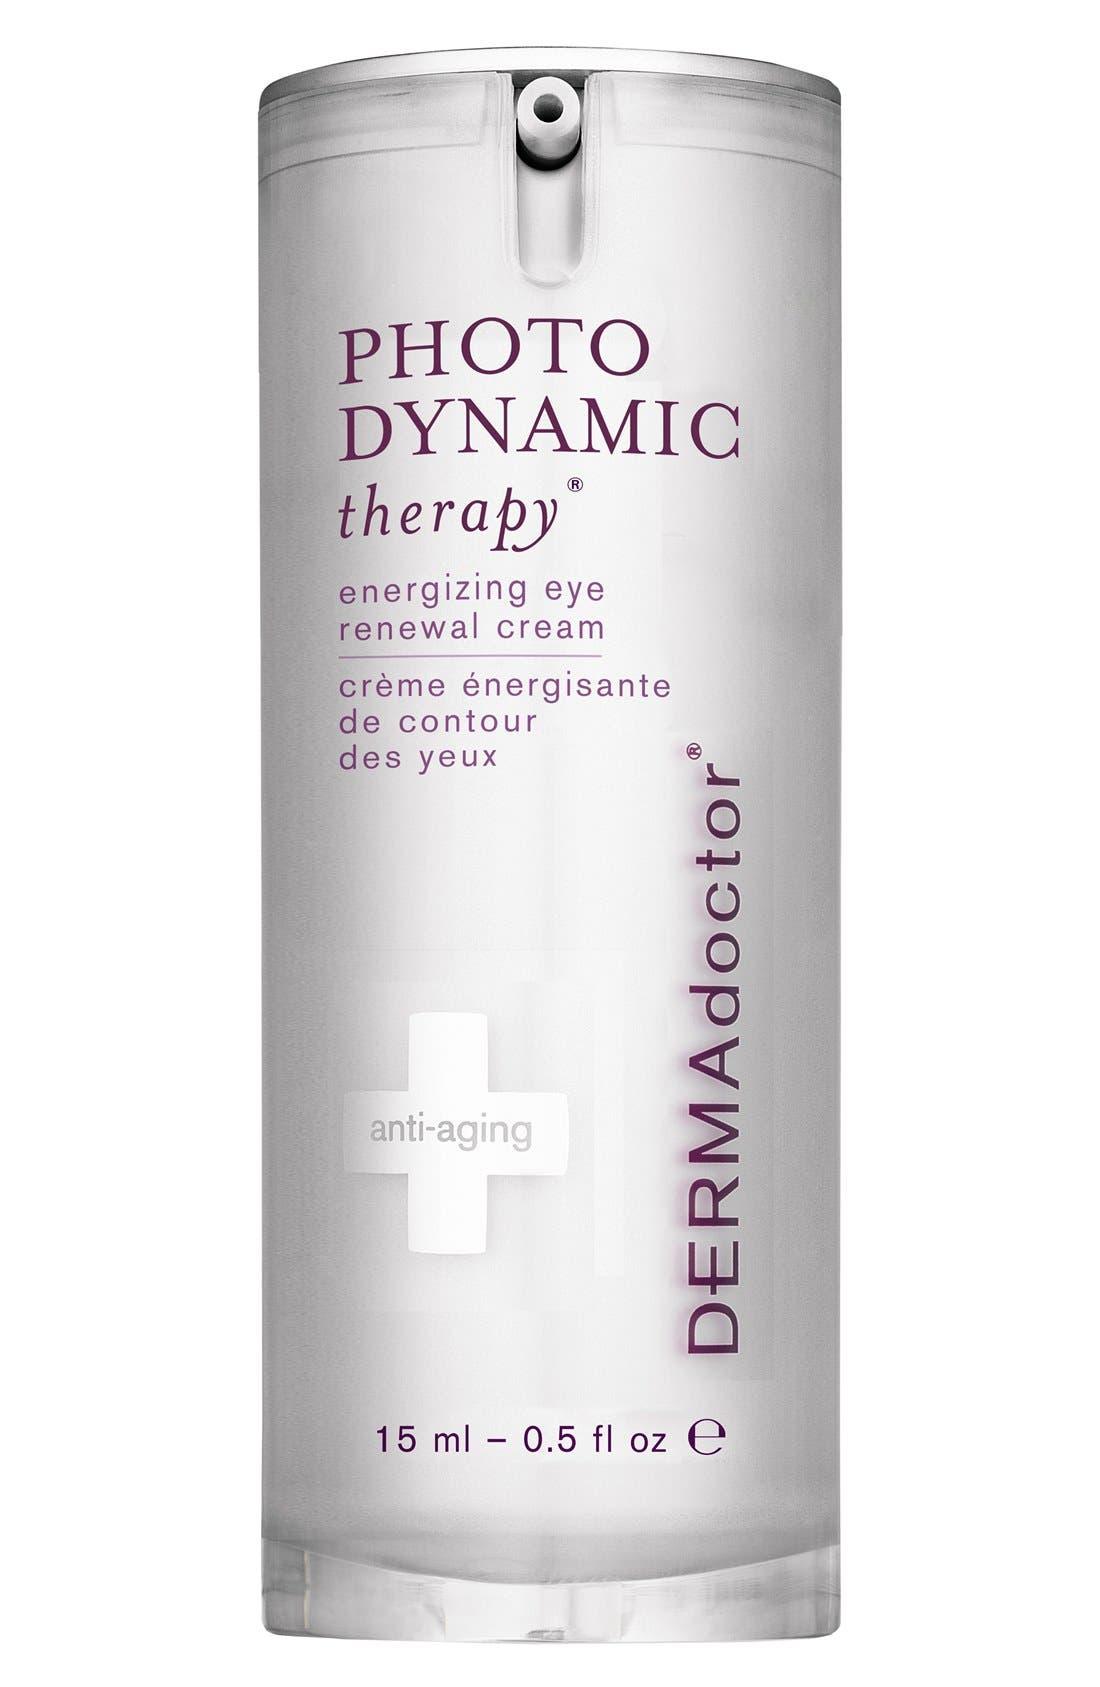 'PHOTODYNAMIC therapy<sup>®</sup>' Energizing Eye Renewal Cream,                             Main thumbnail 1, color,                             NO COLOR